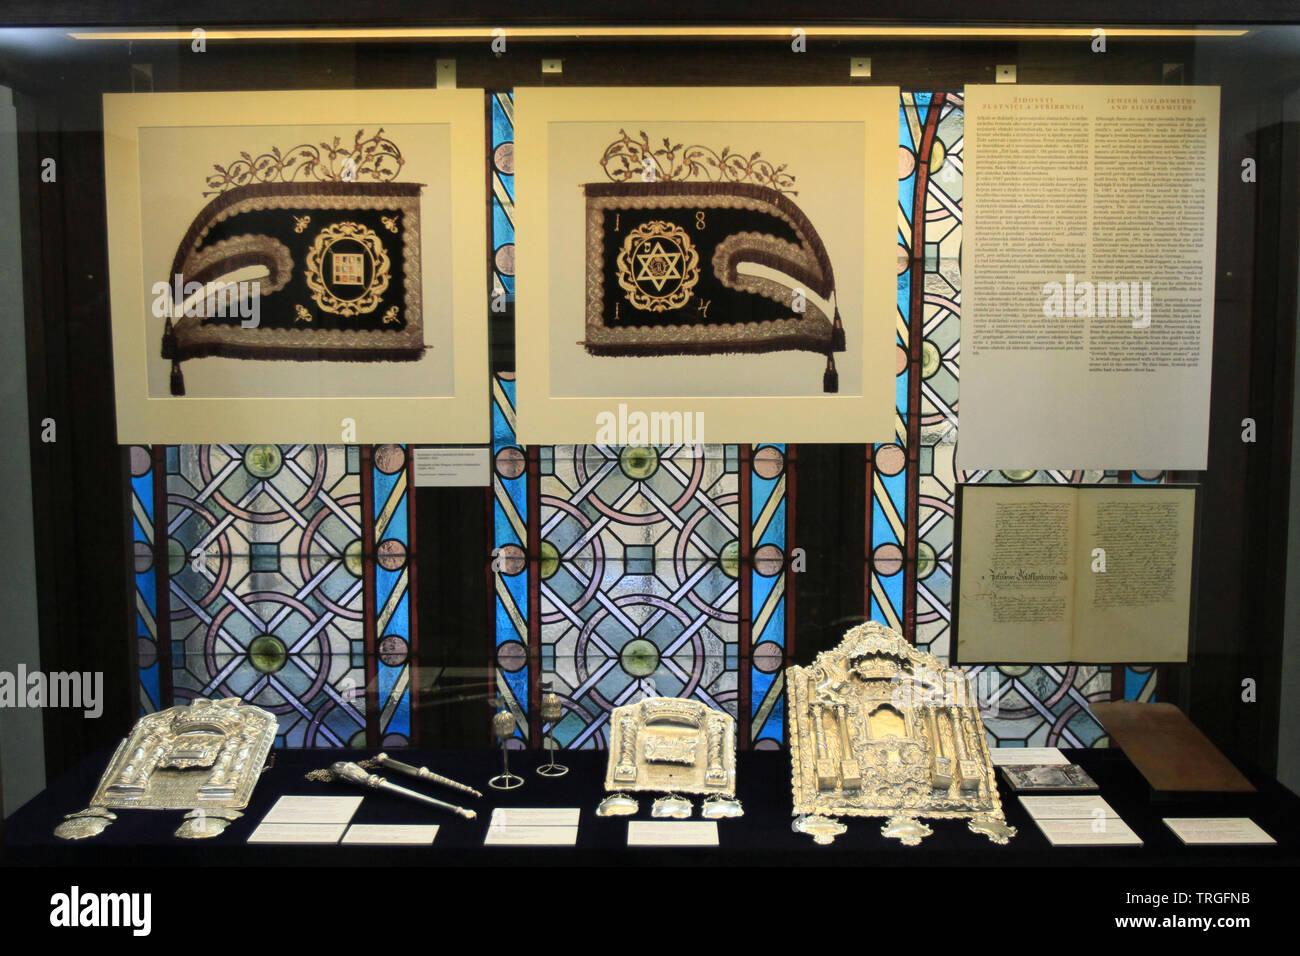 Exposition. Synagogue Maisel. Prague. Czech Republic. - Stock Image